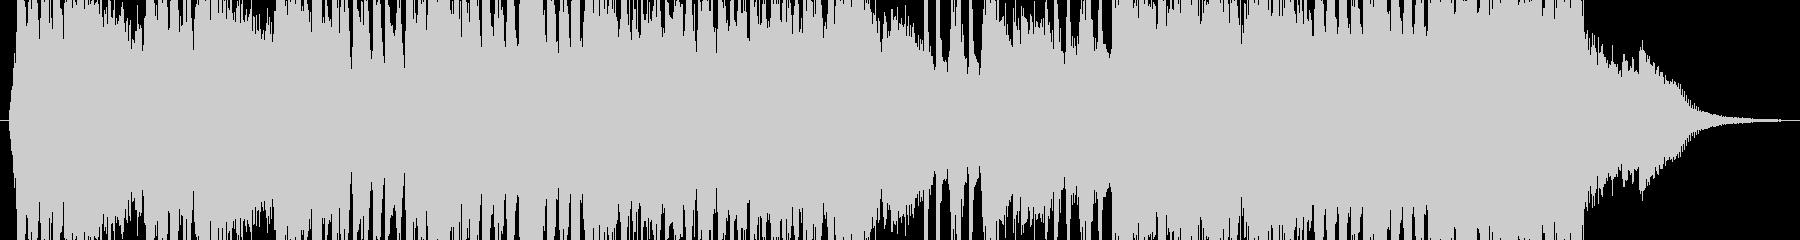 戦闘シーンを意識したオーケストラの未再生の波形